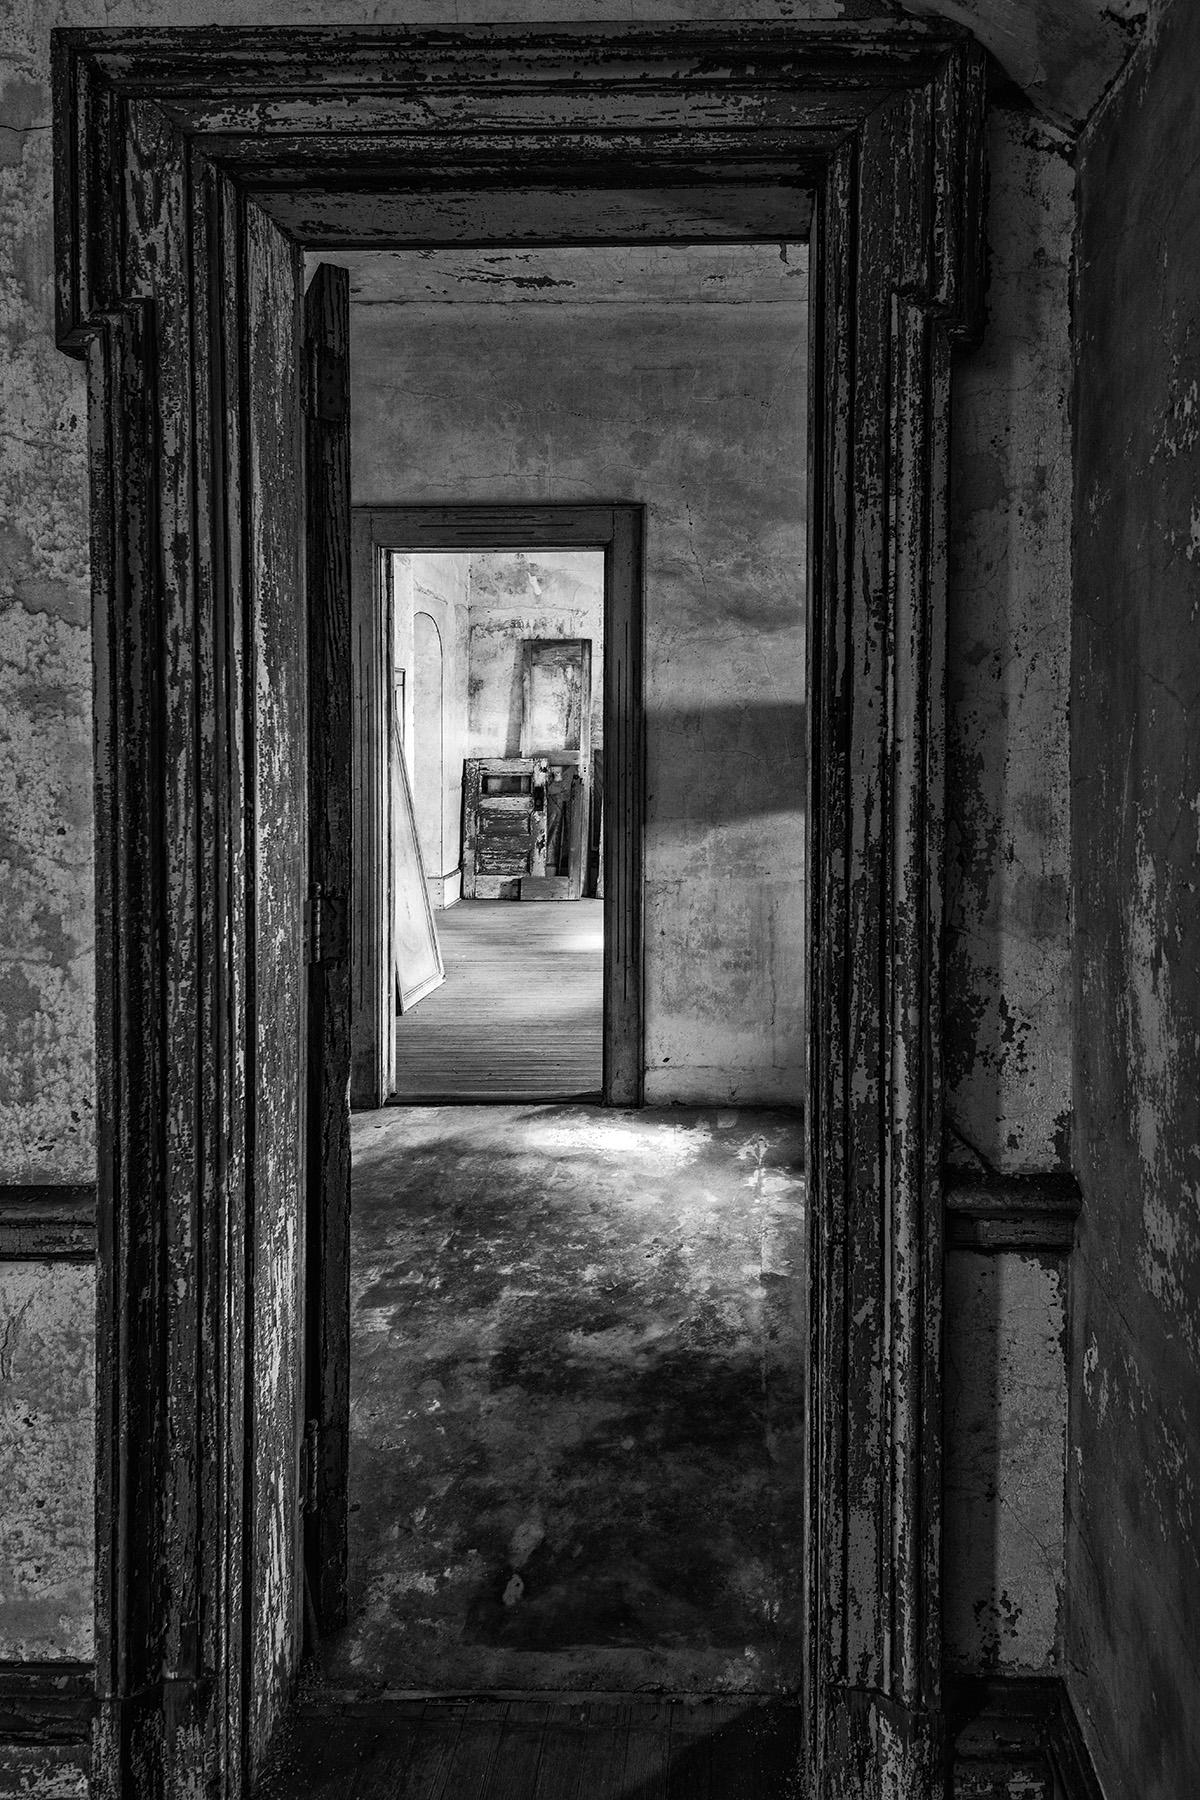 Doorway_BW_NIK_1200